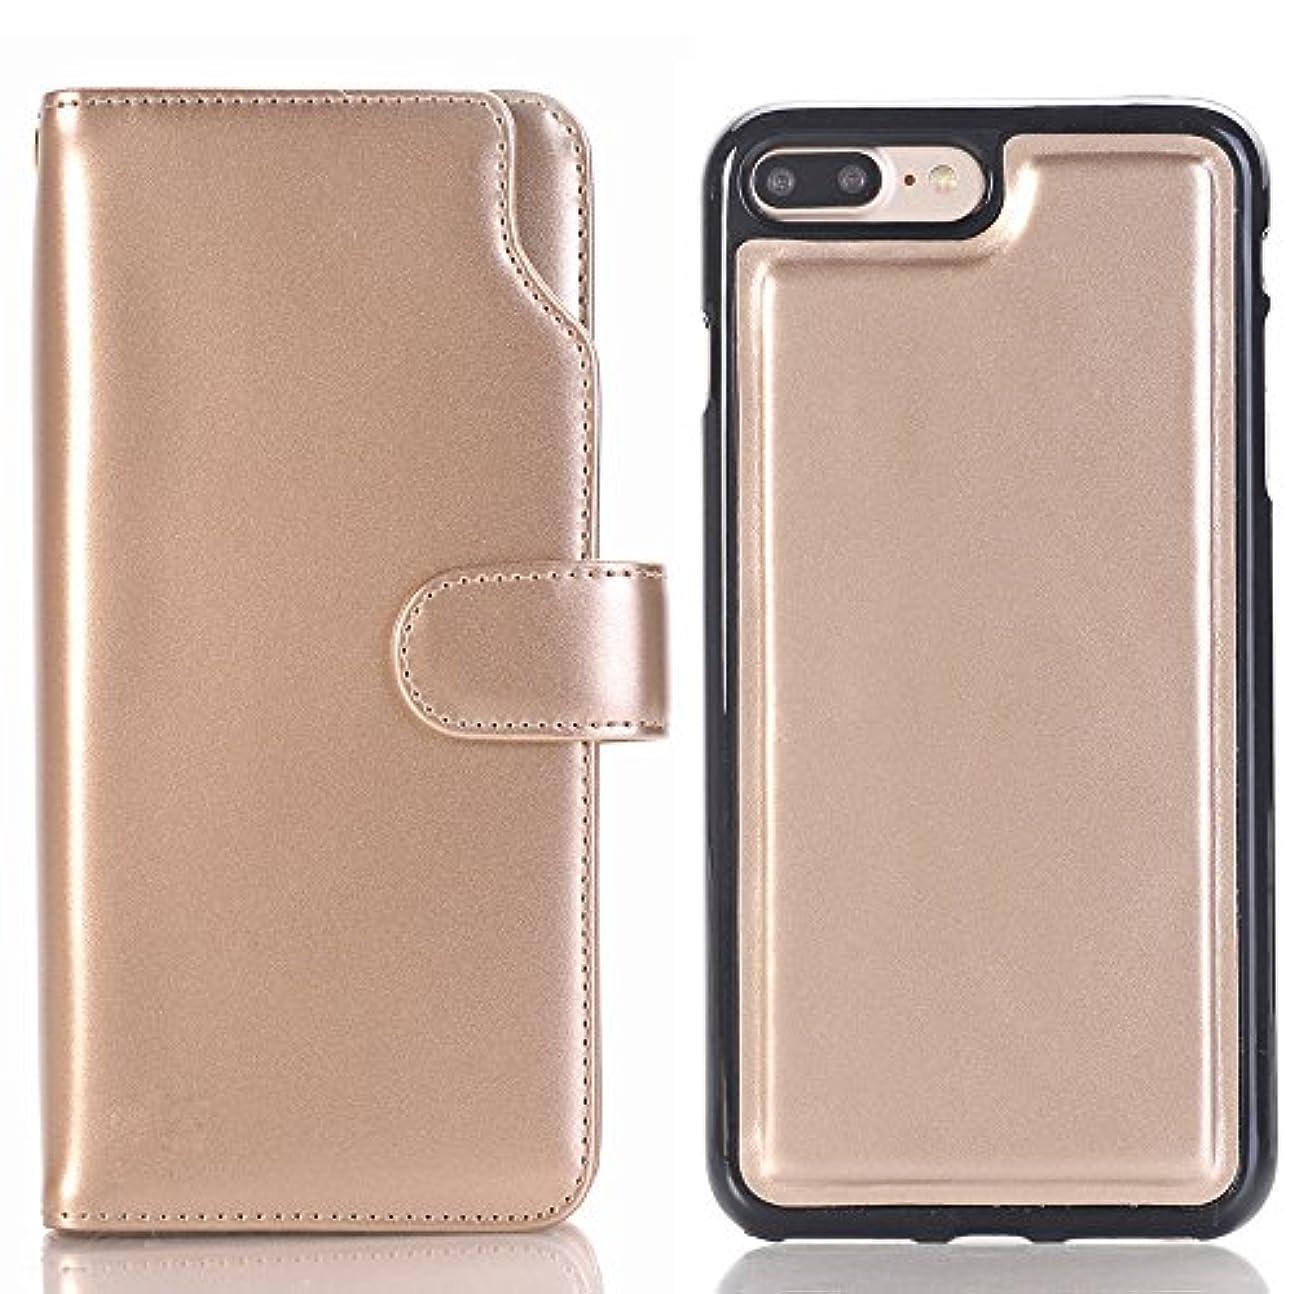 冷える金曜日壮大なiPhone 6 Plus ケース 分離可能、SIMPLE DO 良質レザー おしゃれデザイン カード収納 傷つけ防止 業務用(ゴールド)